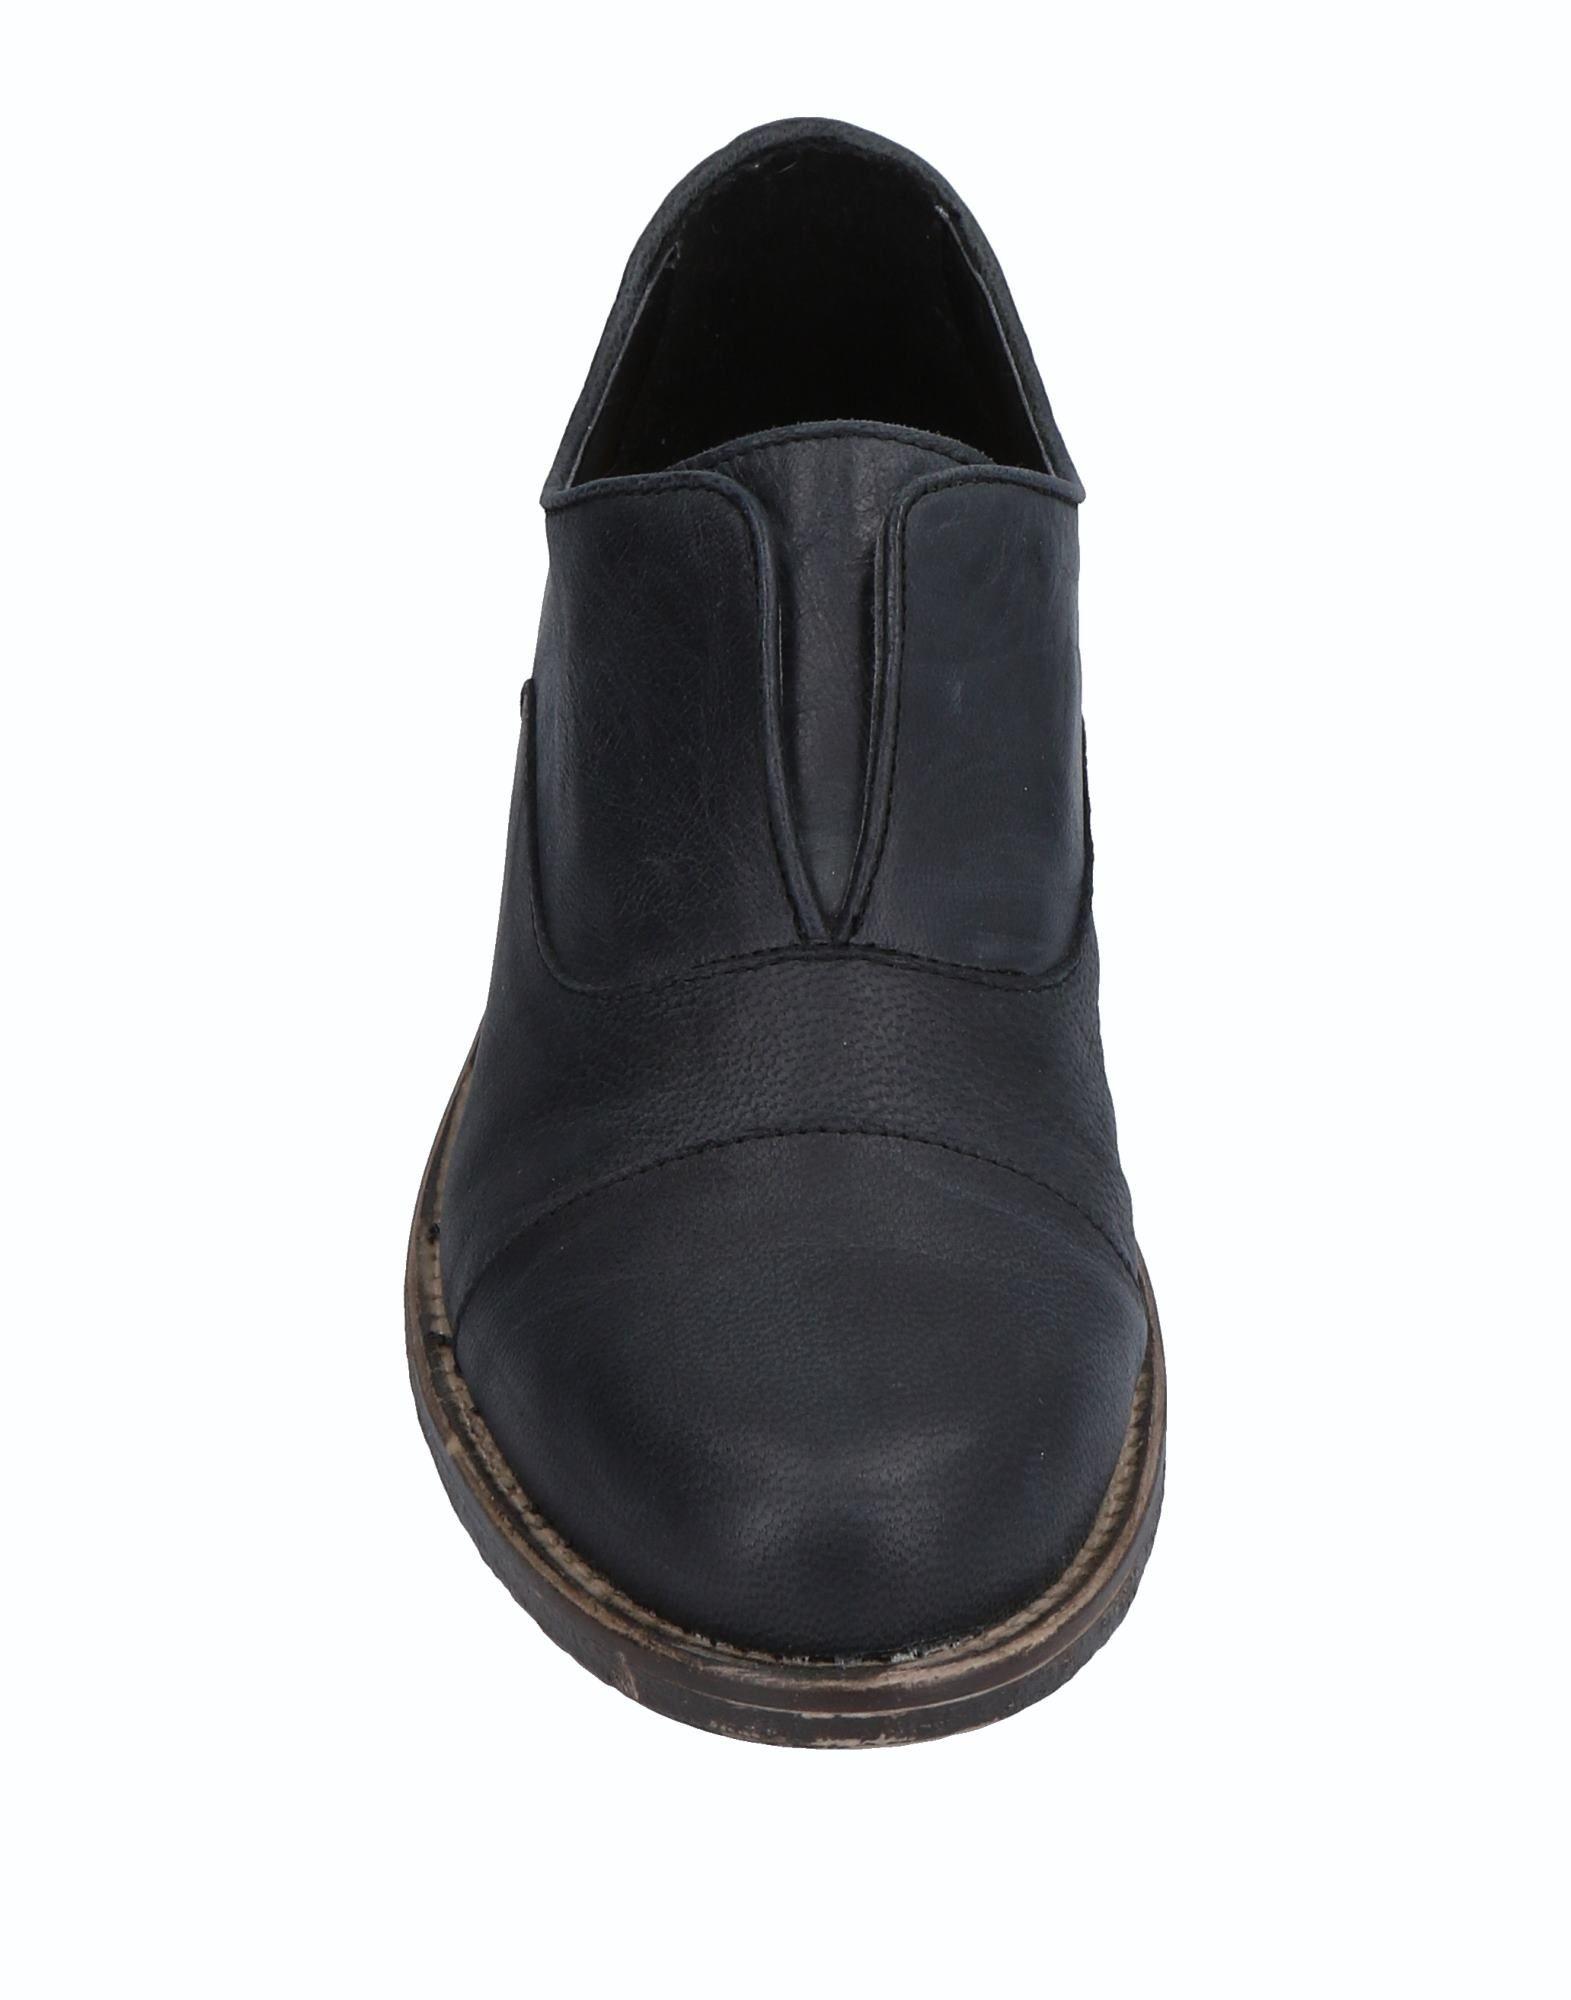 Penelope Mokassins Damen  11508341JH Gute Qualität beliebte Schuhe